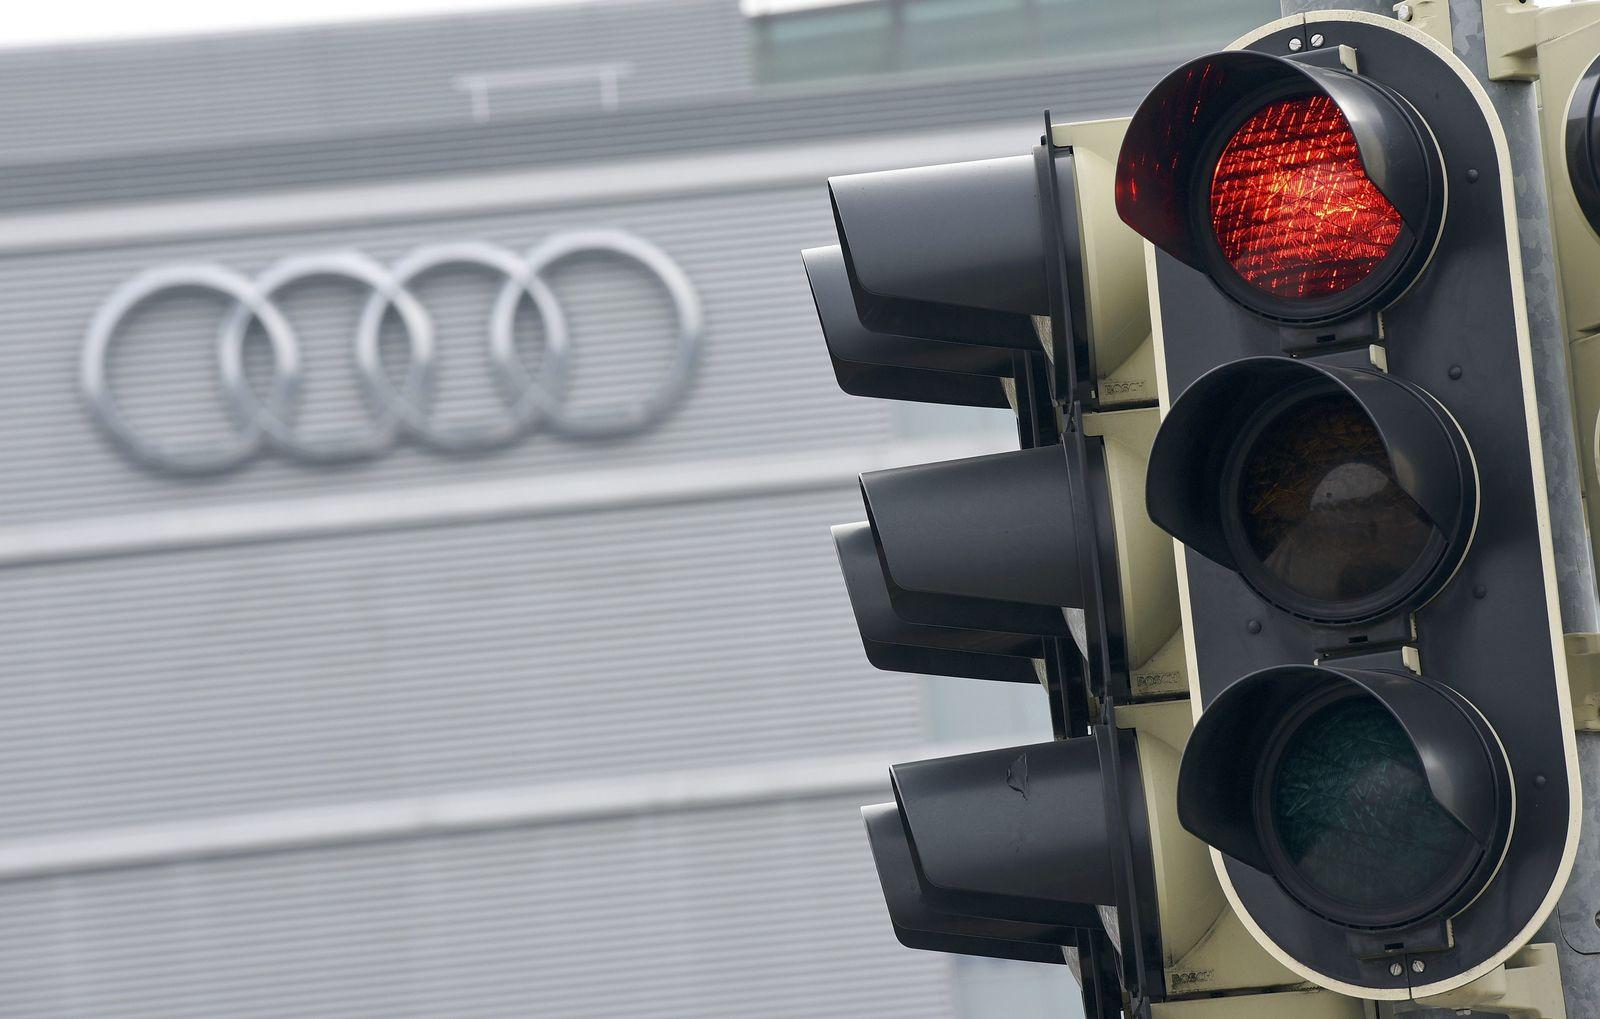 Audi / Rote Ampel